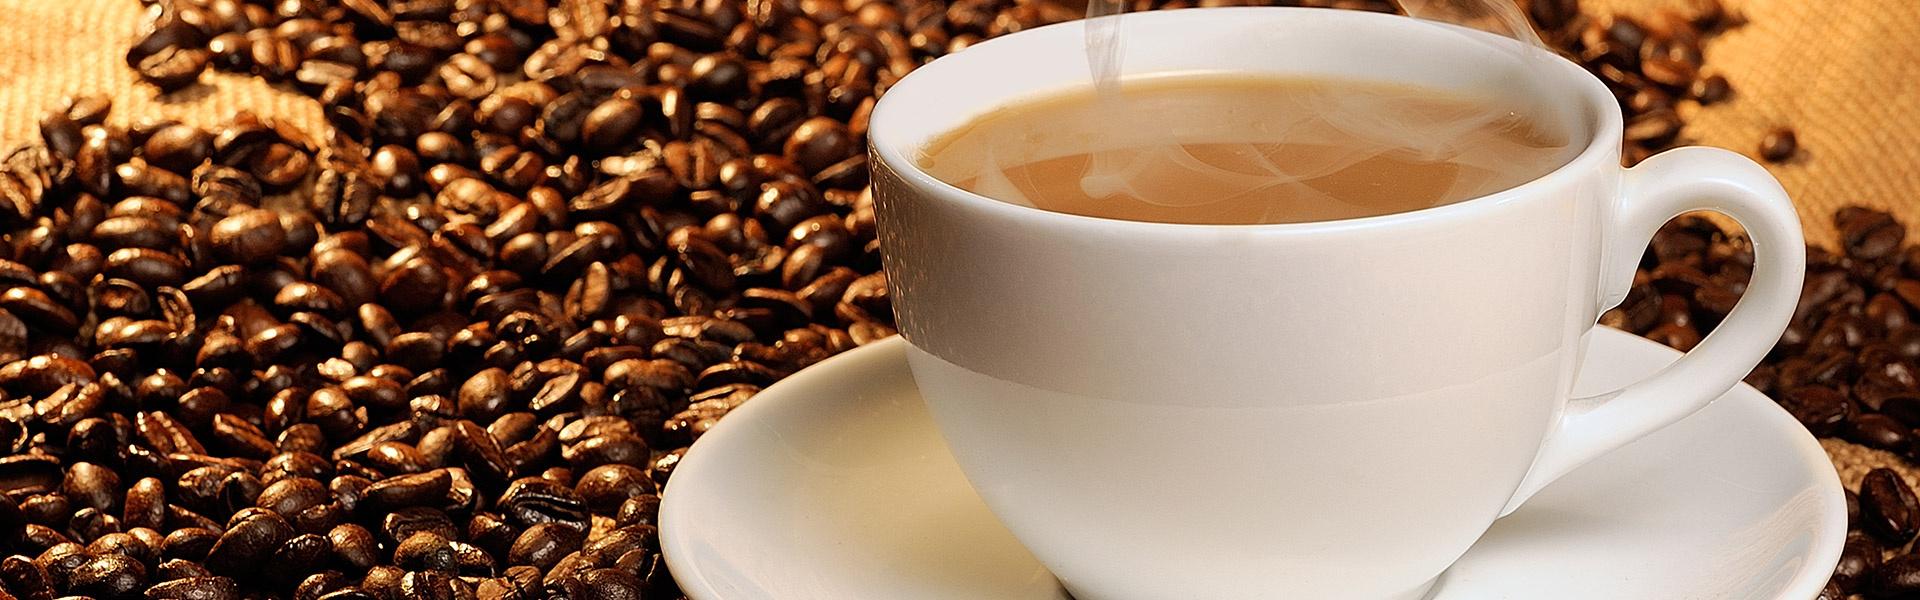 تعرف على أفضل قهوة ذات مذاق خاص | مركا كافيه Fac081099cbde2d8ae978ed4dbc631f333e57187